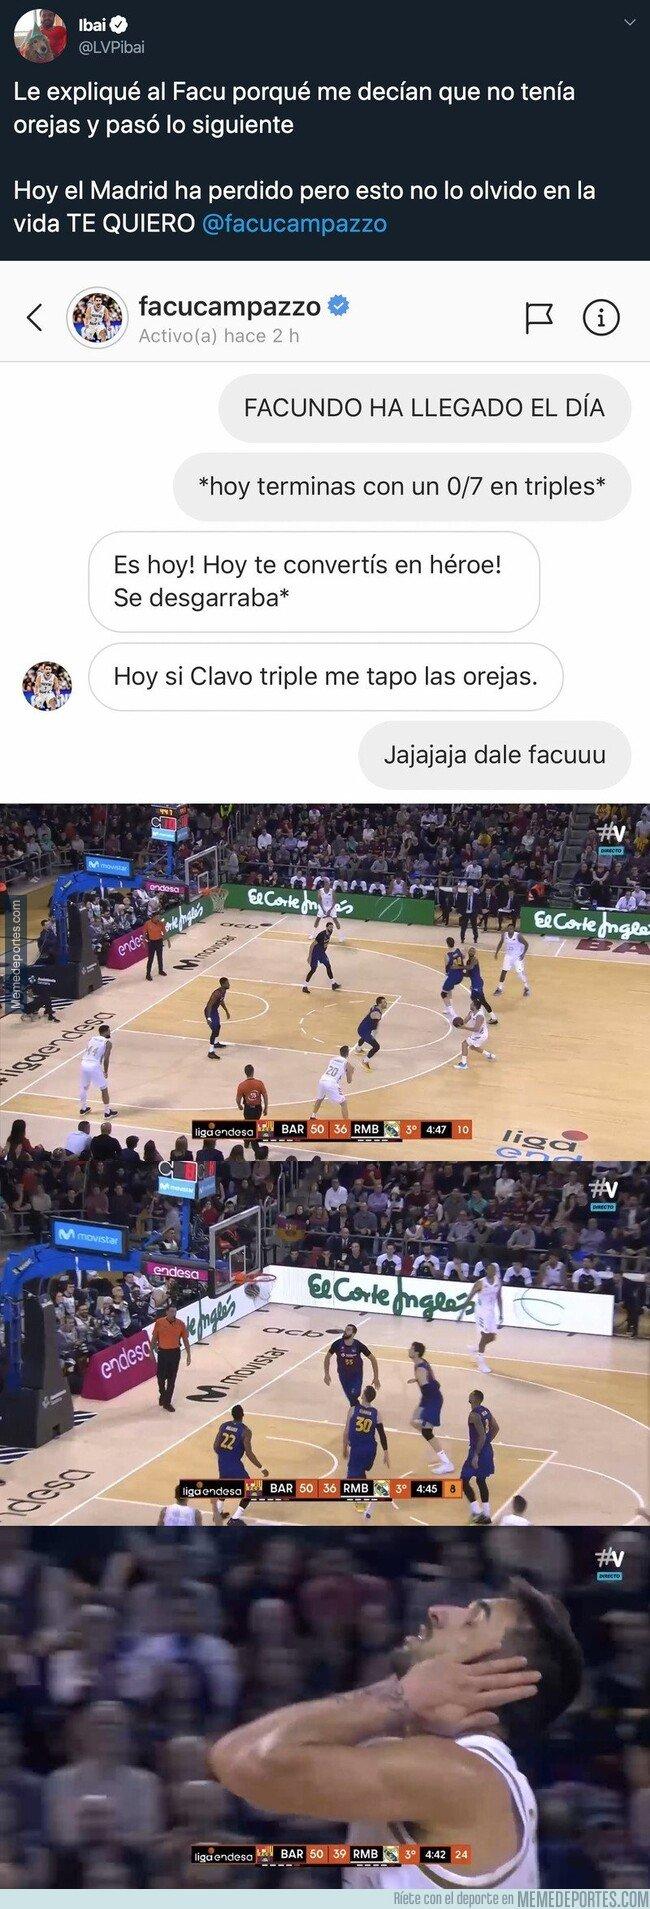 1094666 - Brutal: Facu Campazzo le dedica un triple a Ibai Llanos tras jugarse esto por Instagram antes del Clásico de baloncesto